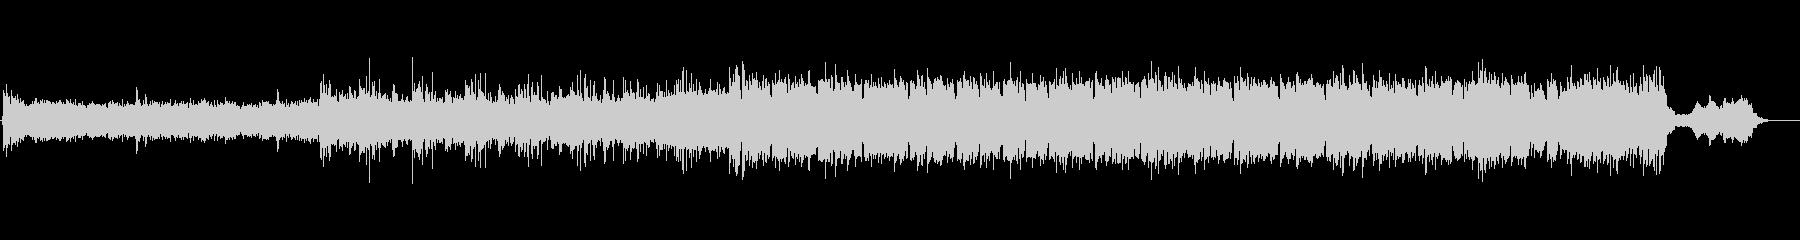 ブルガリアン・ヴォイスで神秘を表現した曲の未再生の波形